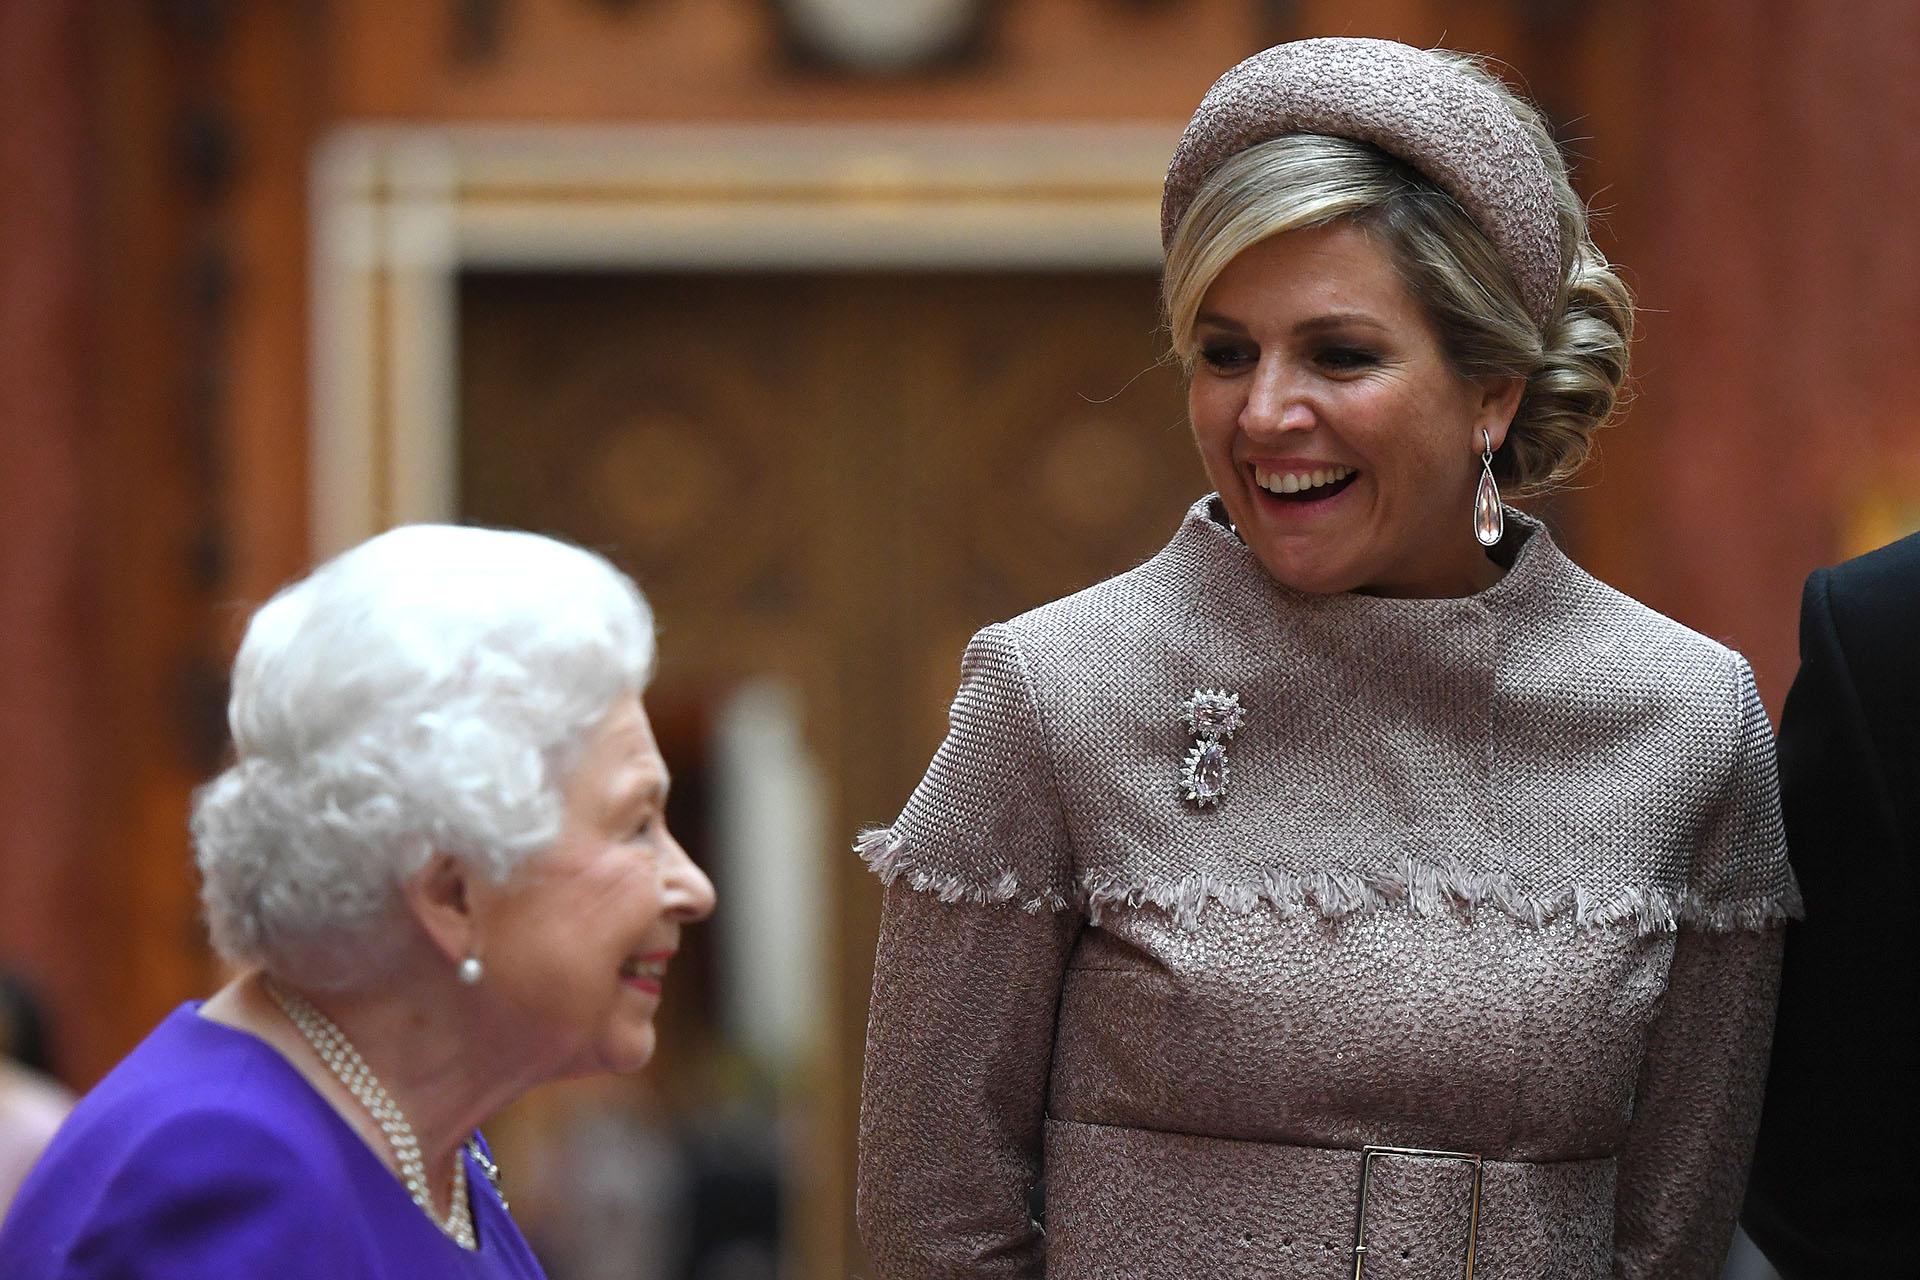 El rey Guillermo y la reina Máxima fueron recibidos formalmente por Isabel II con la guardia de honor antes de realizar una procesión en un carruaje estatal en Londres para almorzar en el Palacio de Buckingham